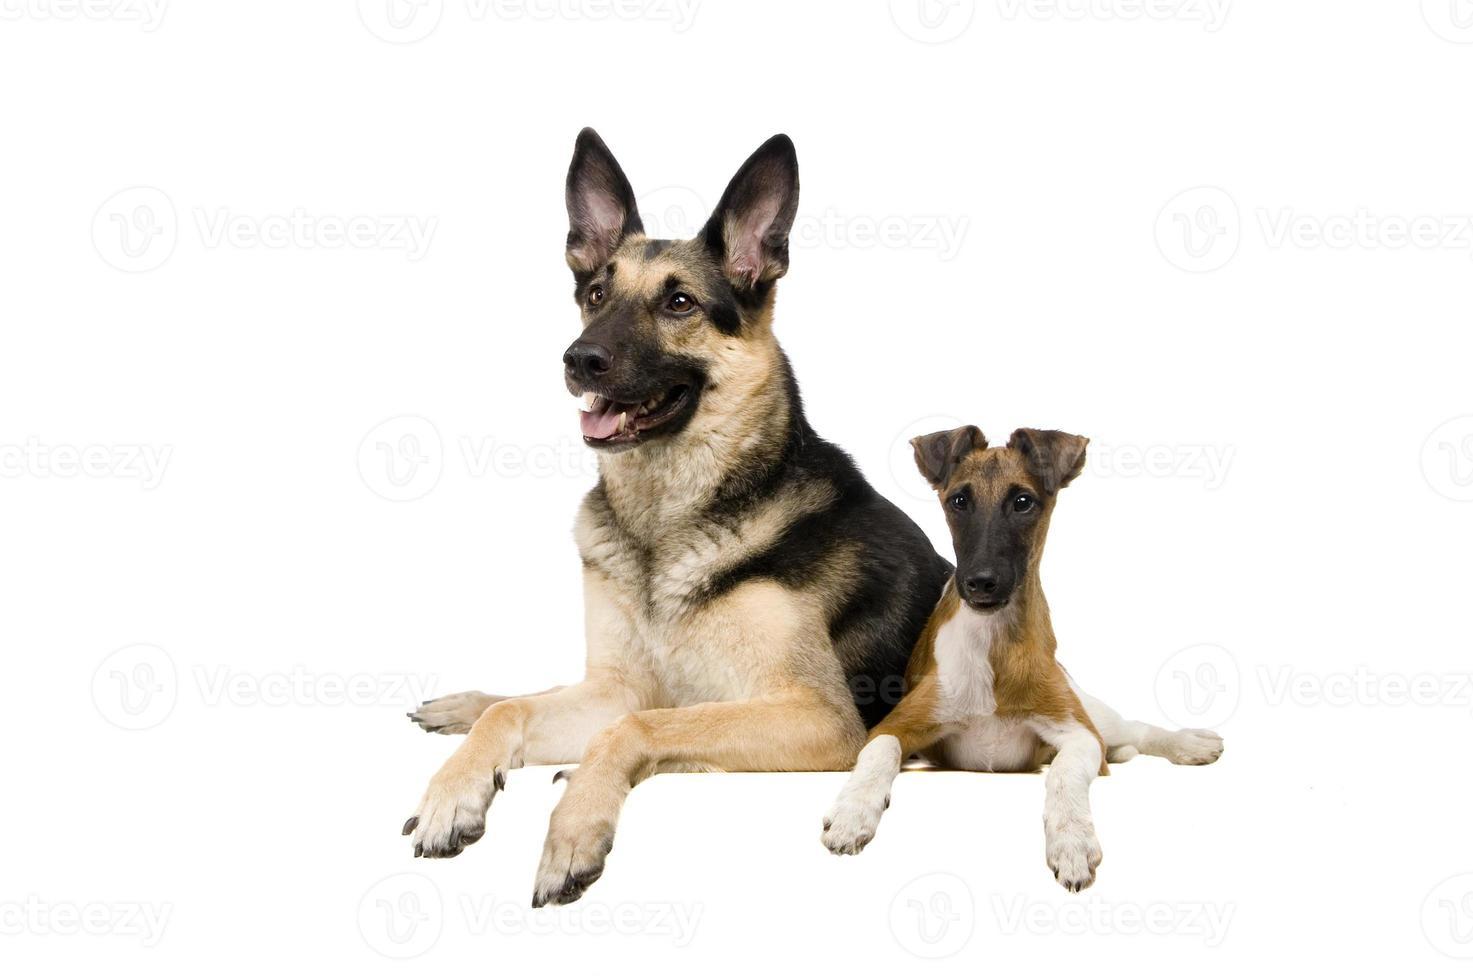 cane pastore dell'Europa orientale con fox terrier su bianco foto